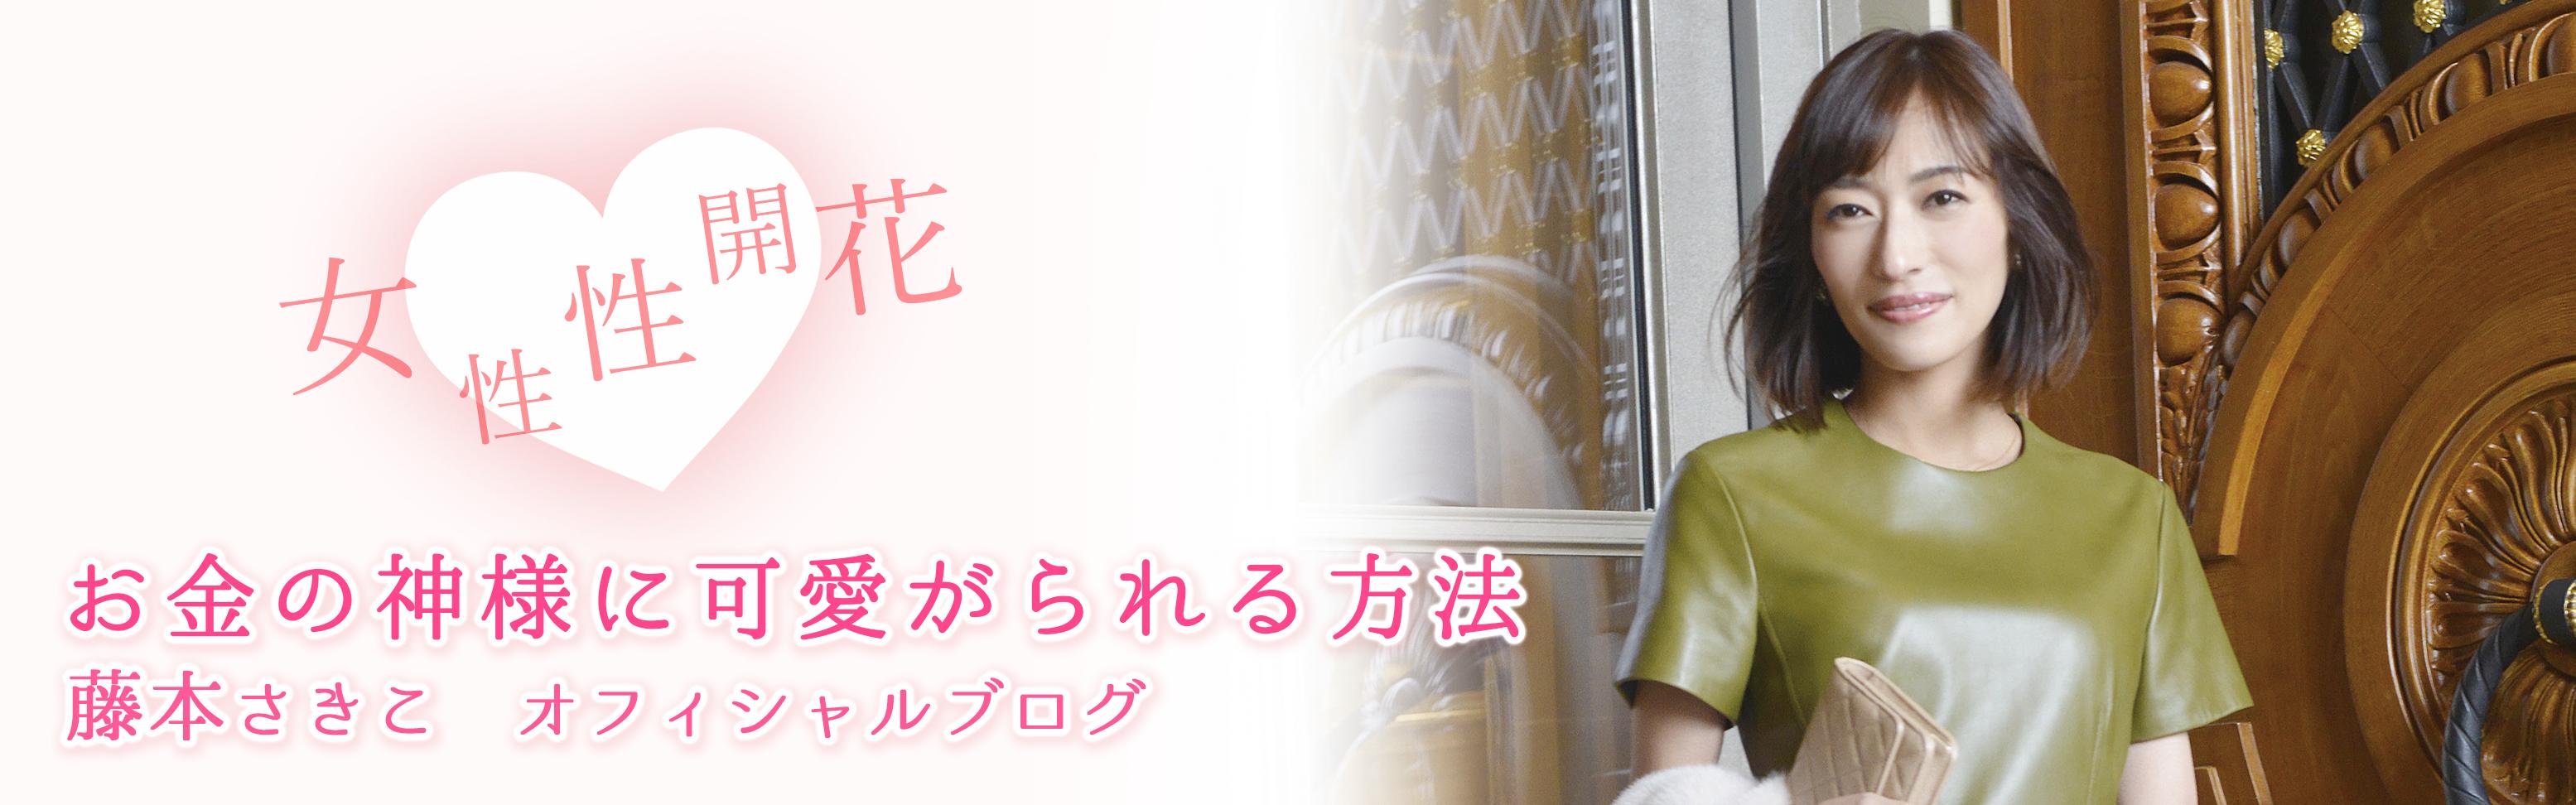 藤本さきこオフィシャルblog